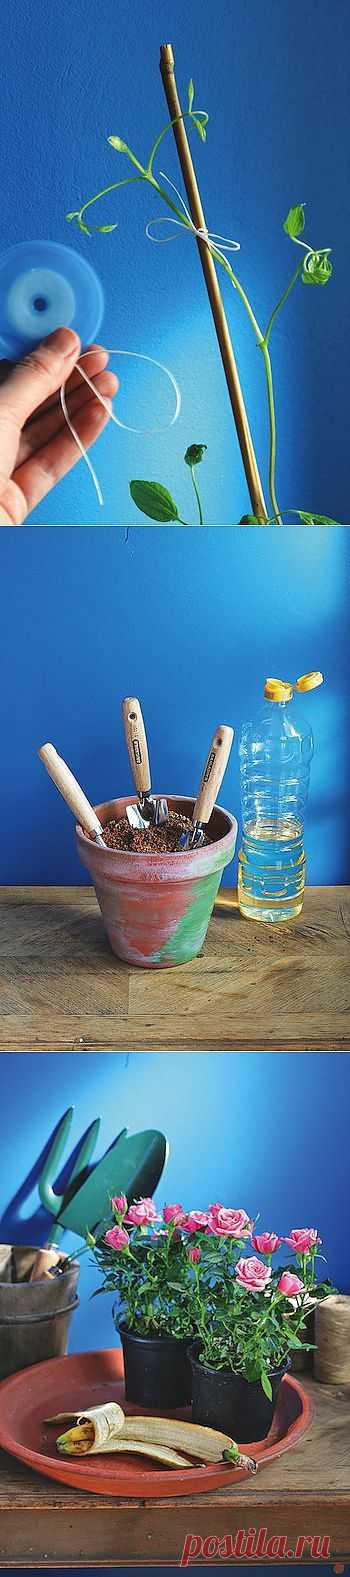 4 полезных совета для садоводов.  Старое кашпо Наполните его песком и добавьте немного растительного масла. Летом в нем удобно хранить садовые инструменты. Так они не заржавеют и всегда будут чистыми. После завершения садовых работ достаточно воткнуть лопатку, совок или рыхлитель почвы в песок и оставить до следующего раза. Еще 3 совета.